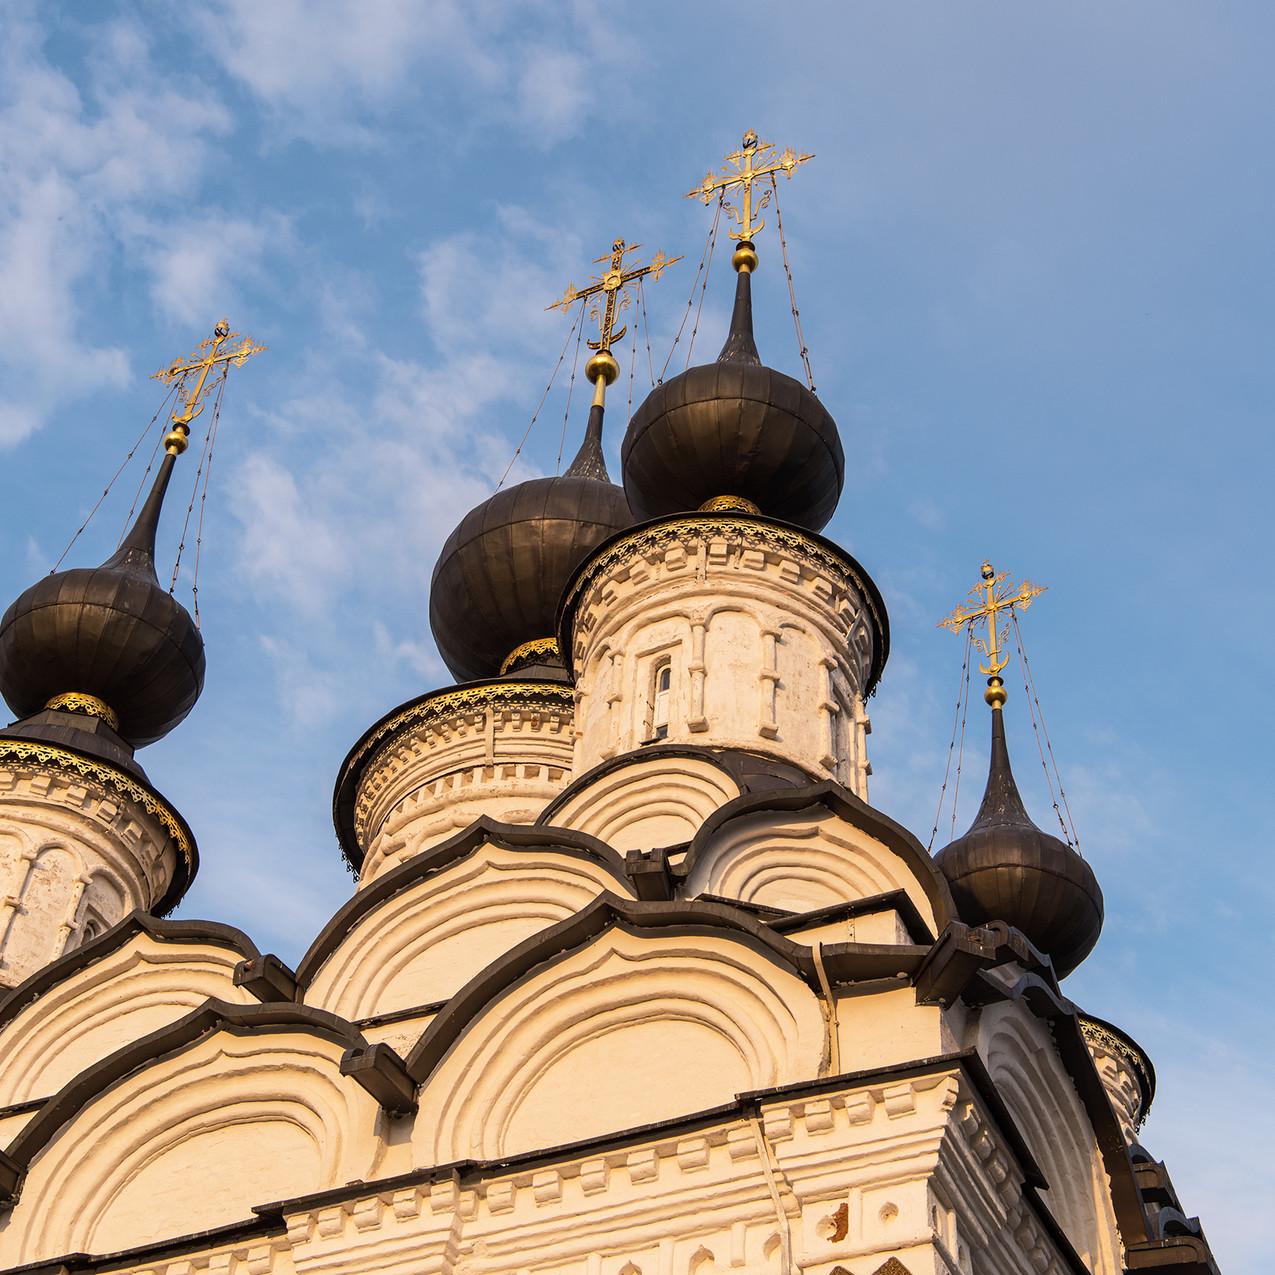 Пять куполов Лазаревского храма с золочёными крестами — одни из самых красивых в Суздале.